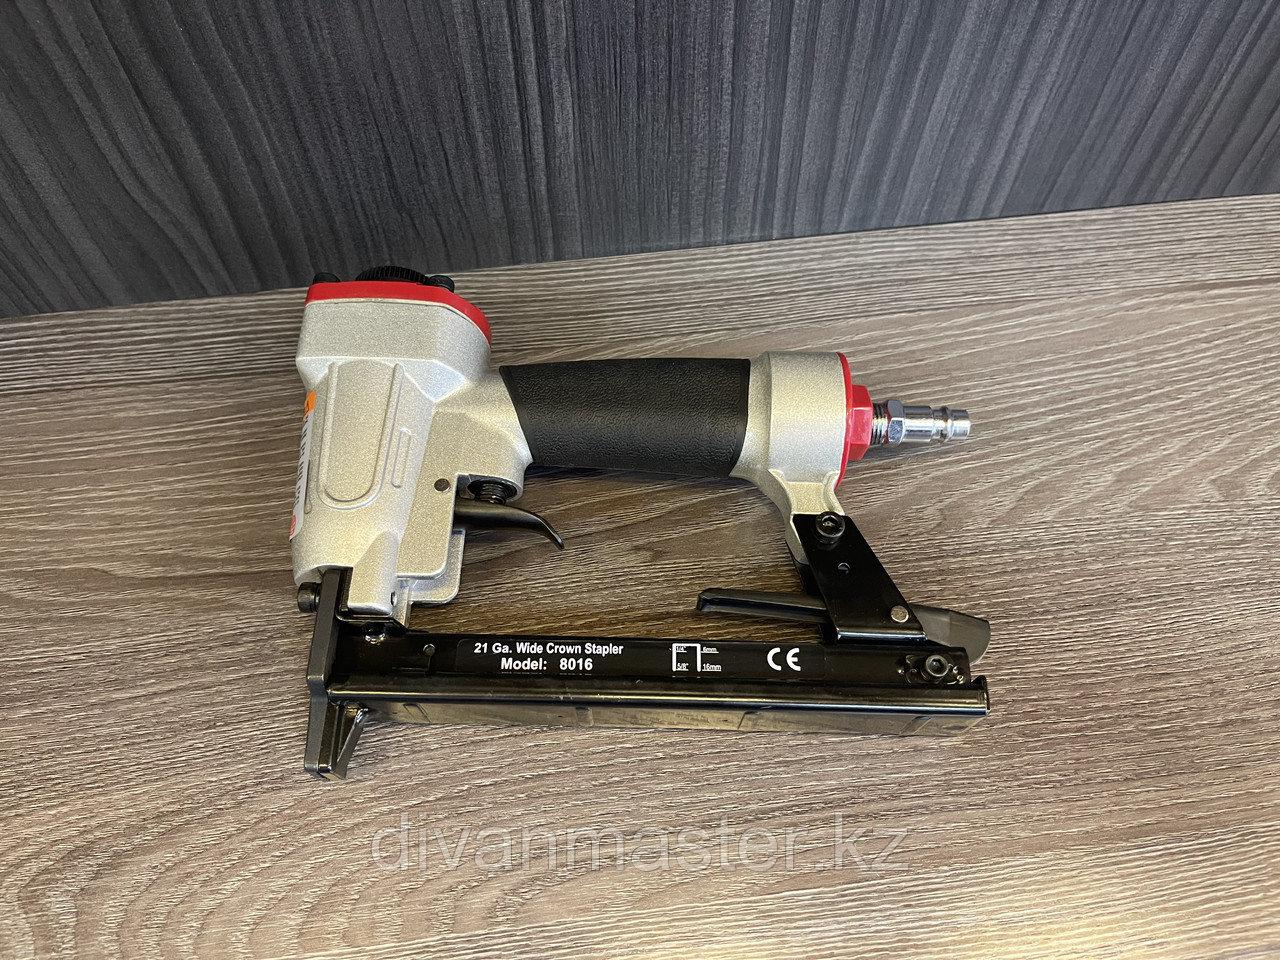 Степлер пневматический DNG-Z8016